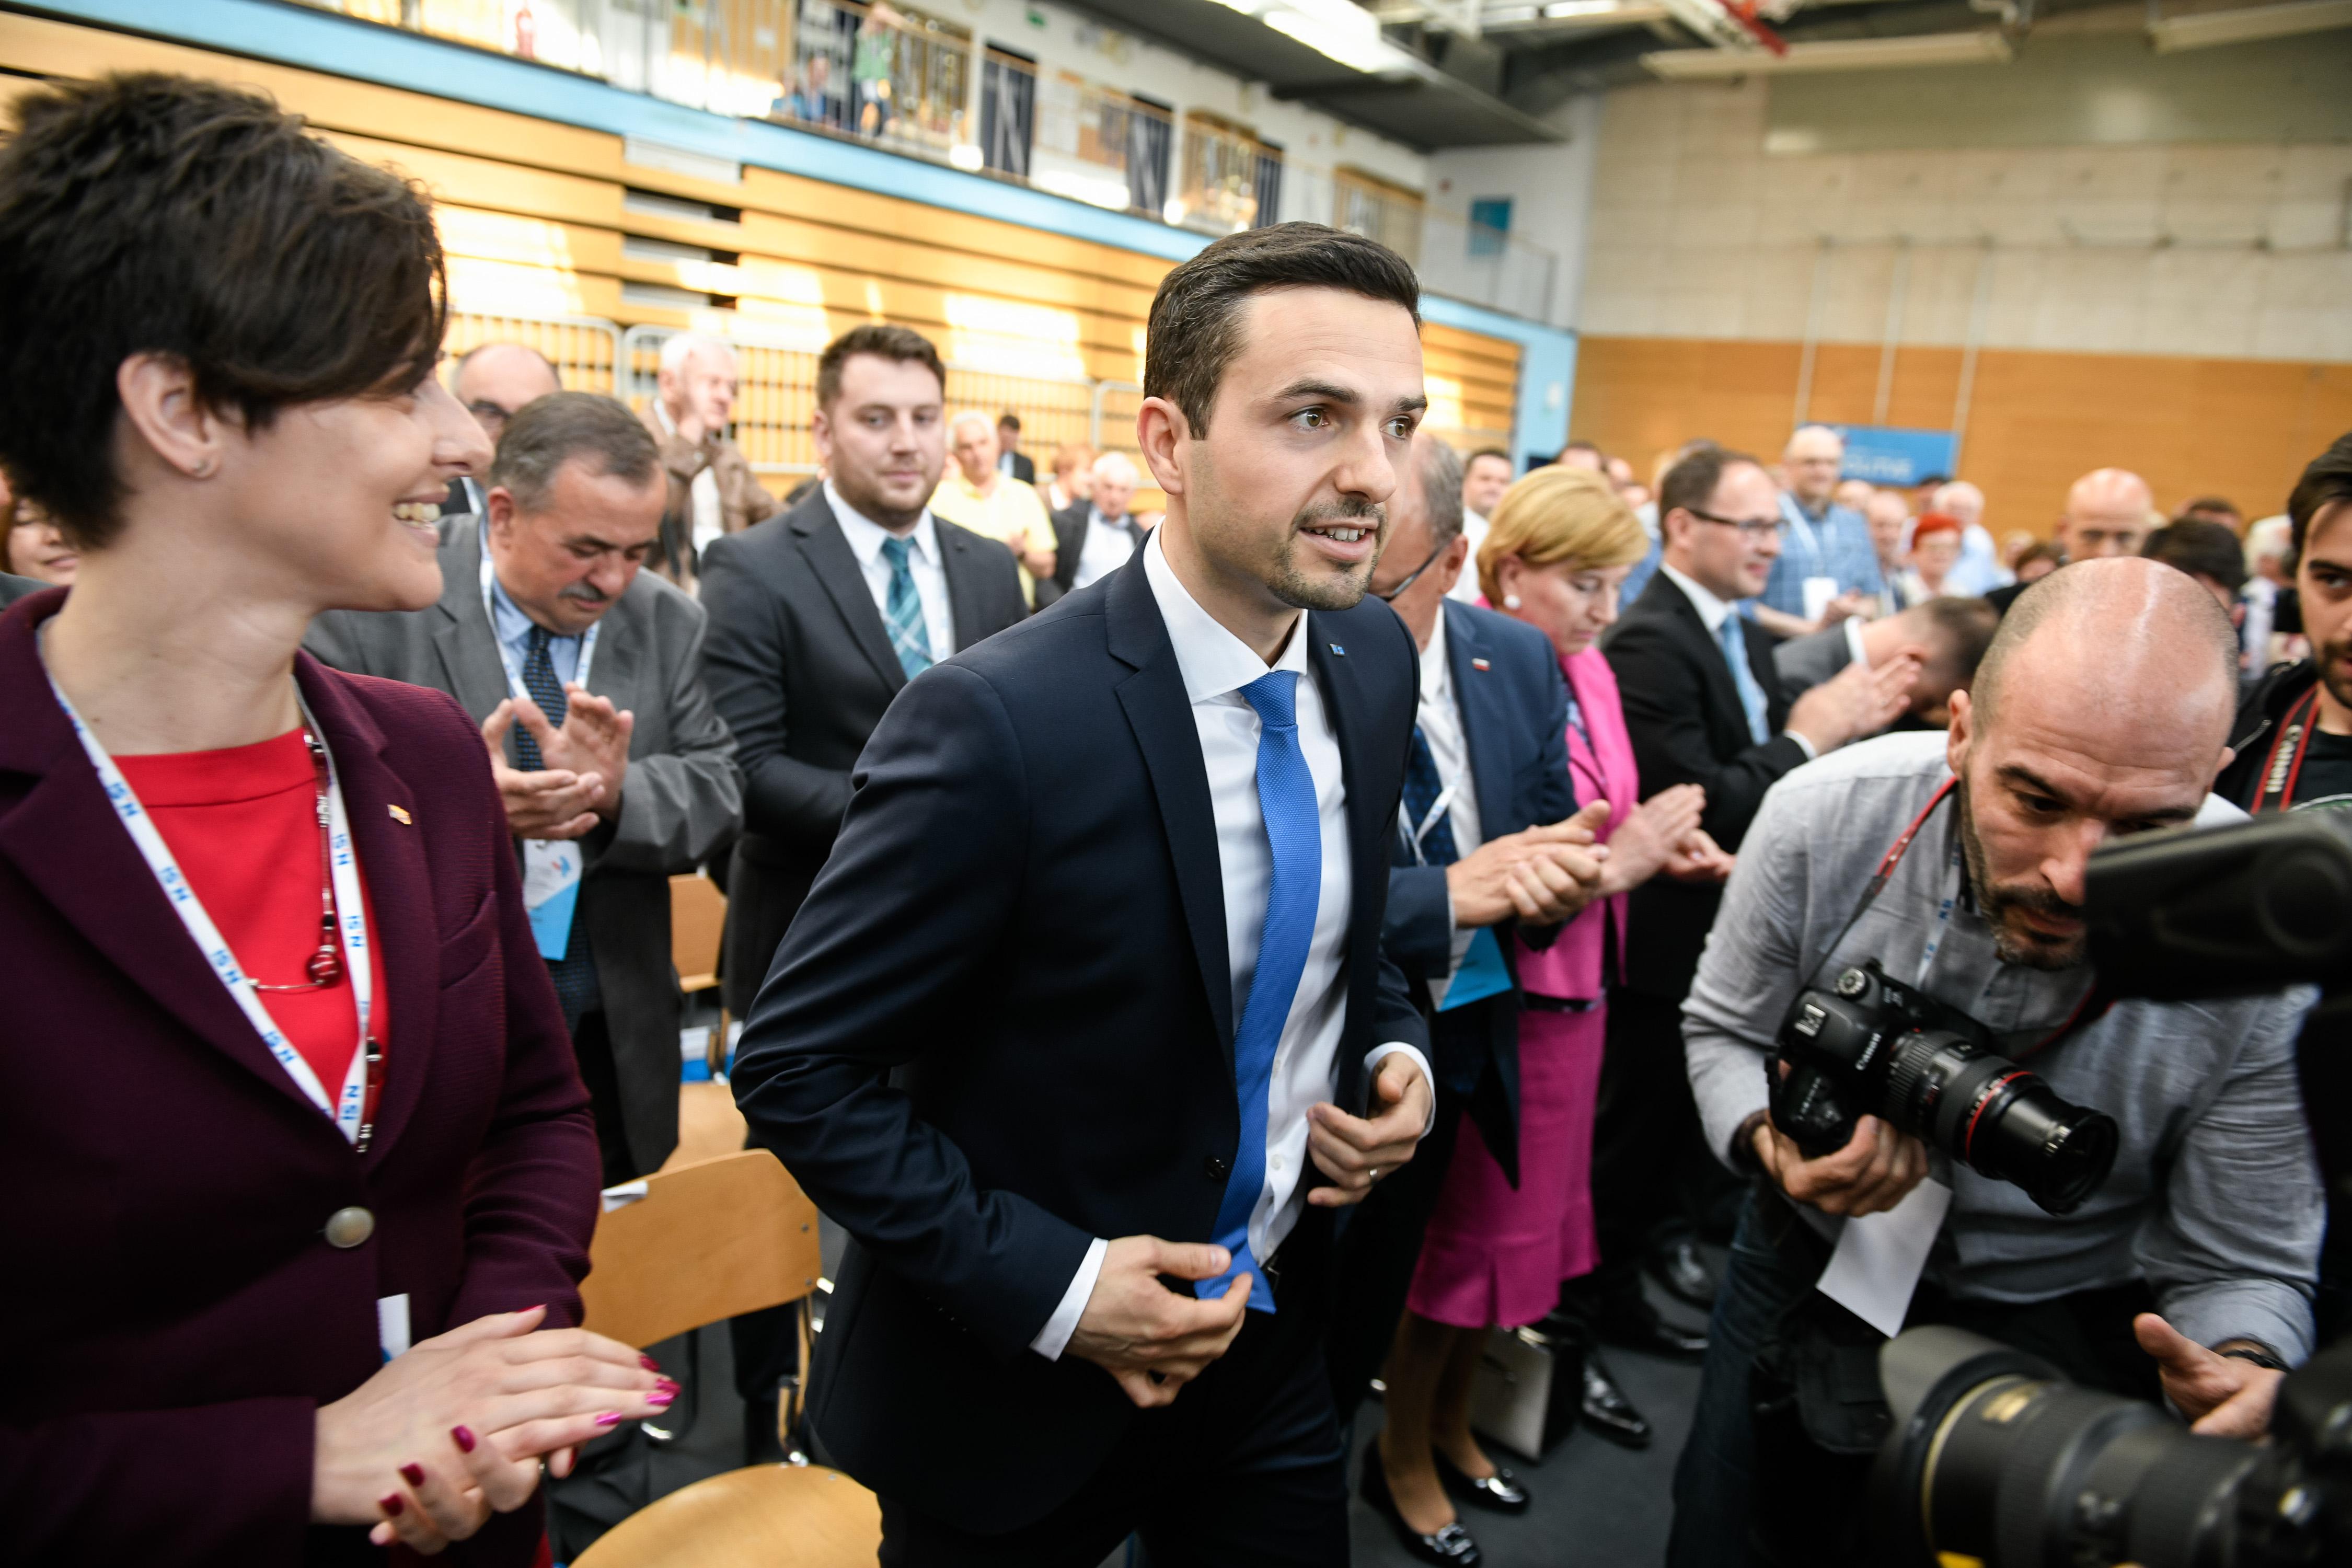 Matej Tonin je leta 2012 odločilno pripomogel, da je Milan Kučan obdržal vse ugodnosti, vključno z dosmrtnim predsedniškim dodatkom. (Foto: STA)